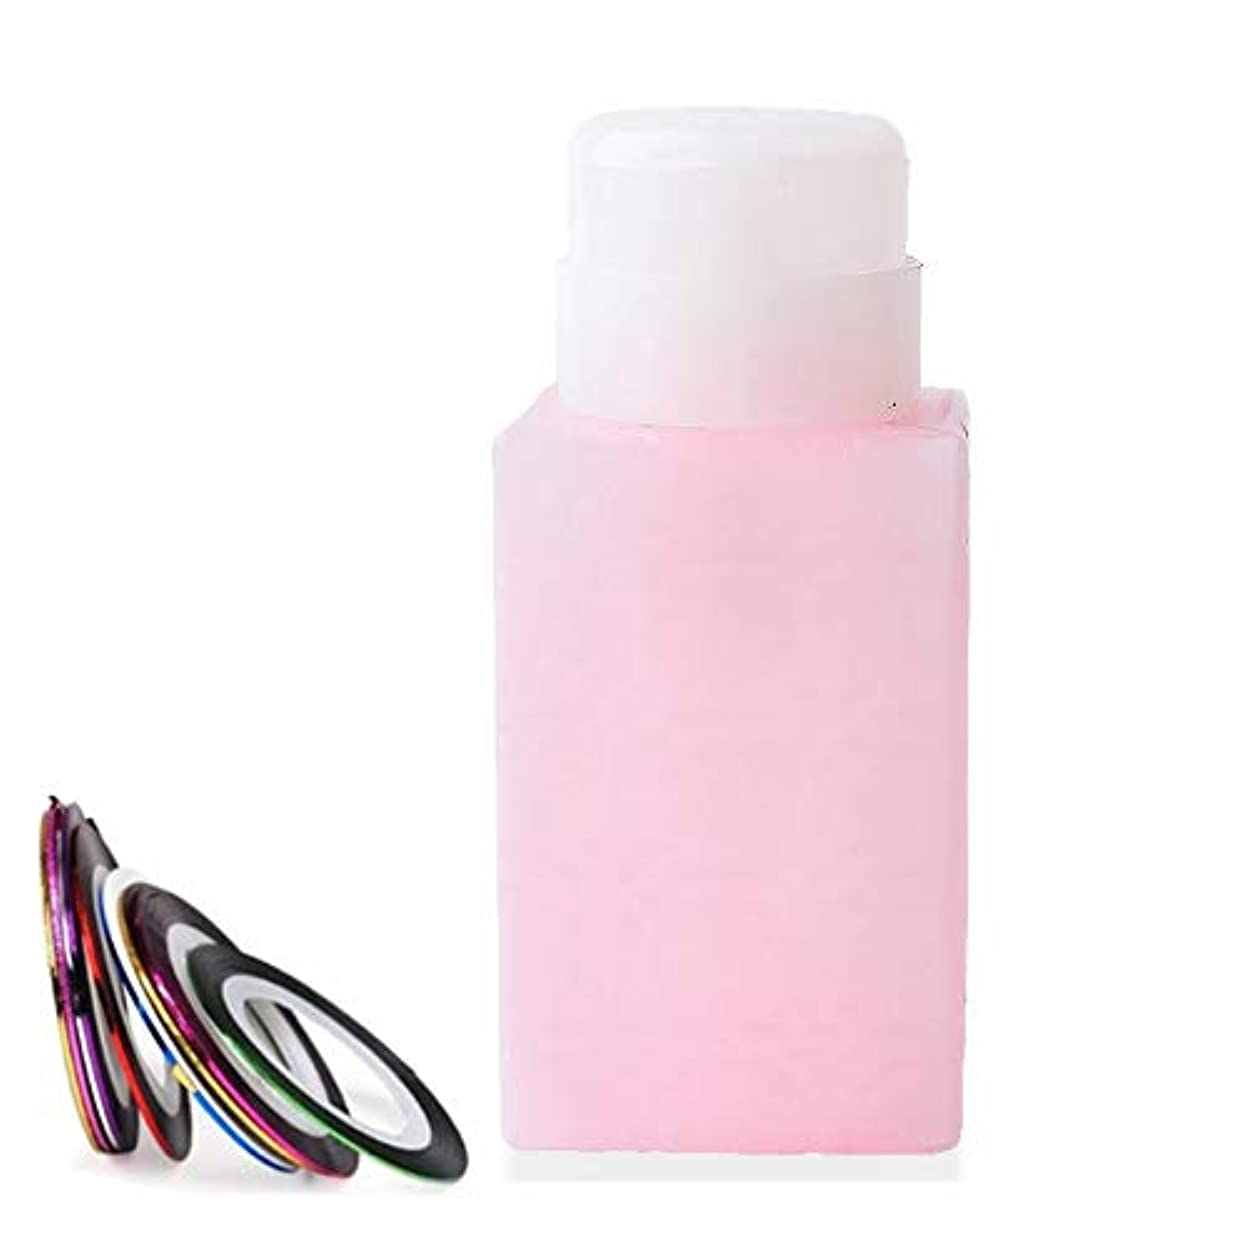 時折例外稚魚空ポンプボトル ポンプディスペンサー ネイルワイプ瓶 ジュルクリーナー ジュルリムーバー 可愛い (ピンク)